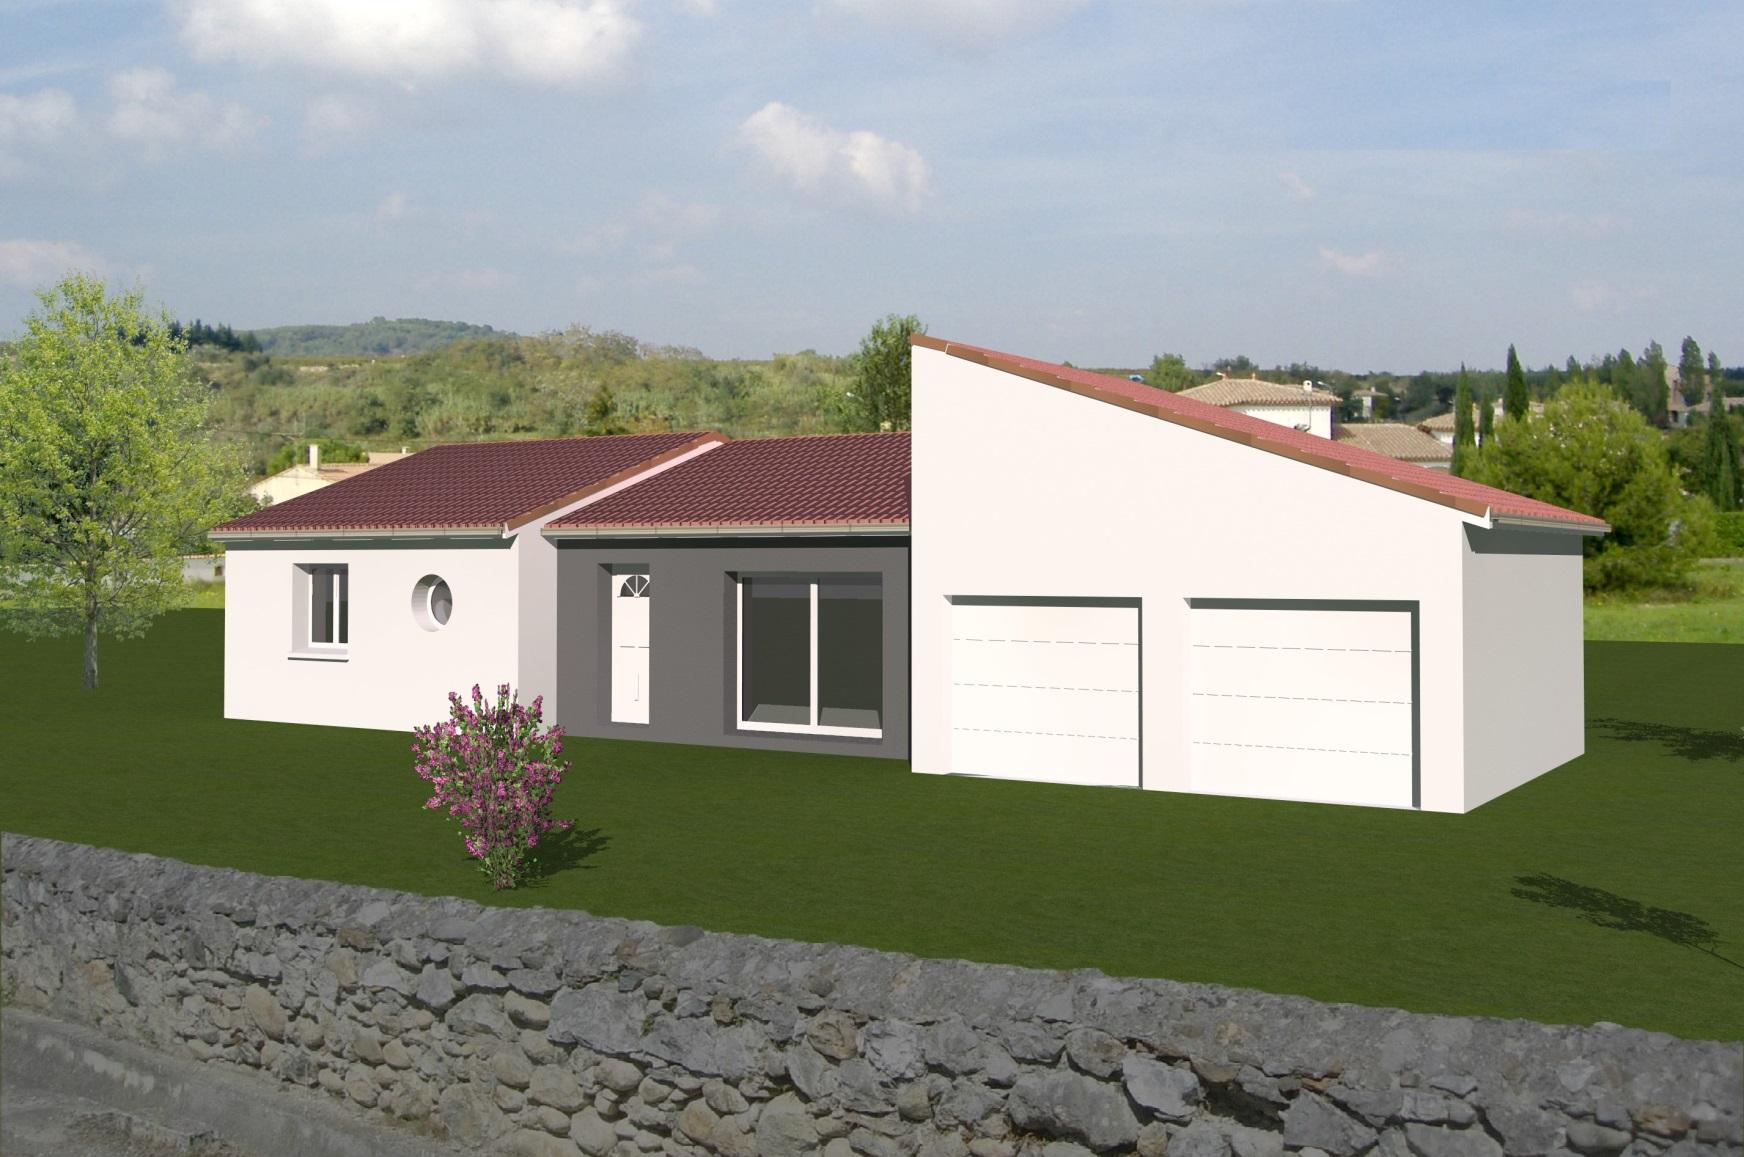 Maisons + Terrains du constructeur MAISONS CONCEPT 2000 • PERIGNAT LES SARLIEVE